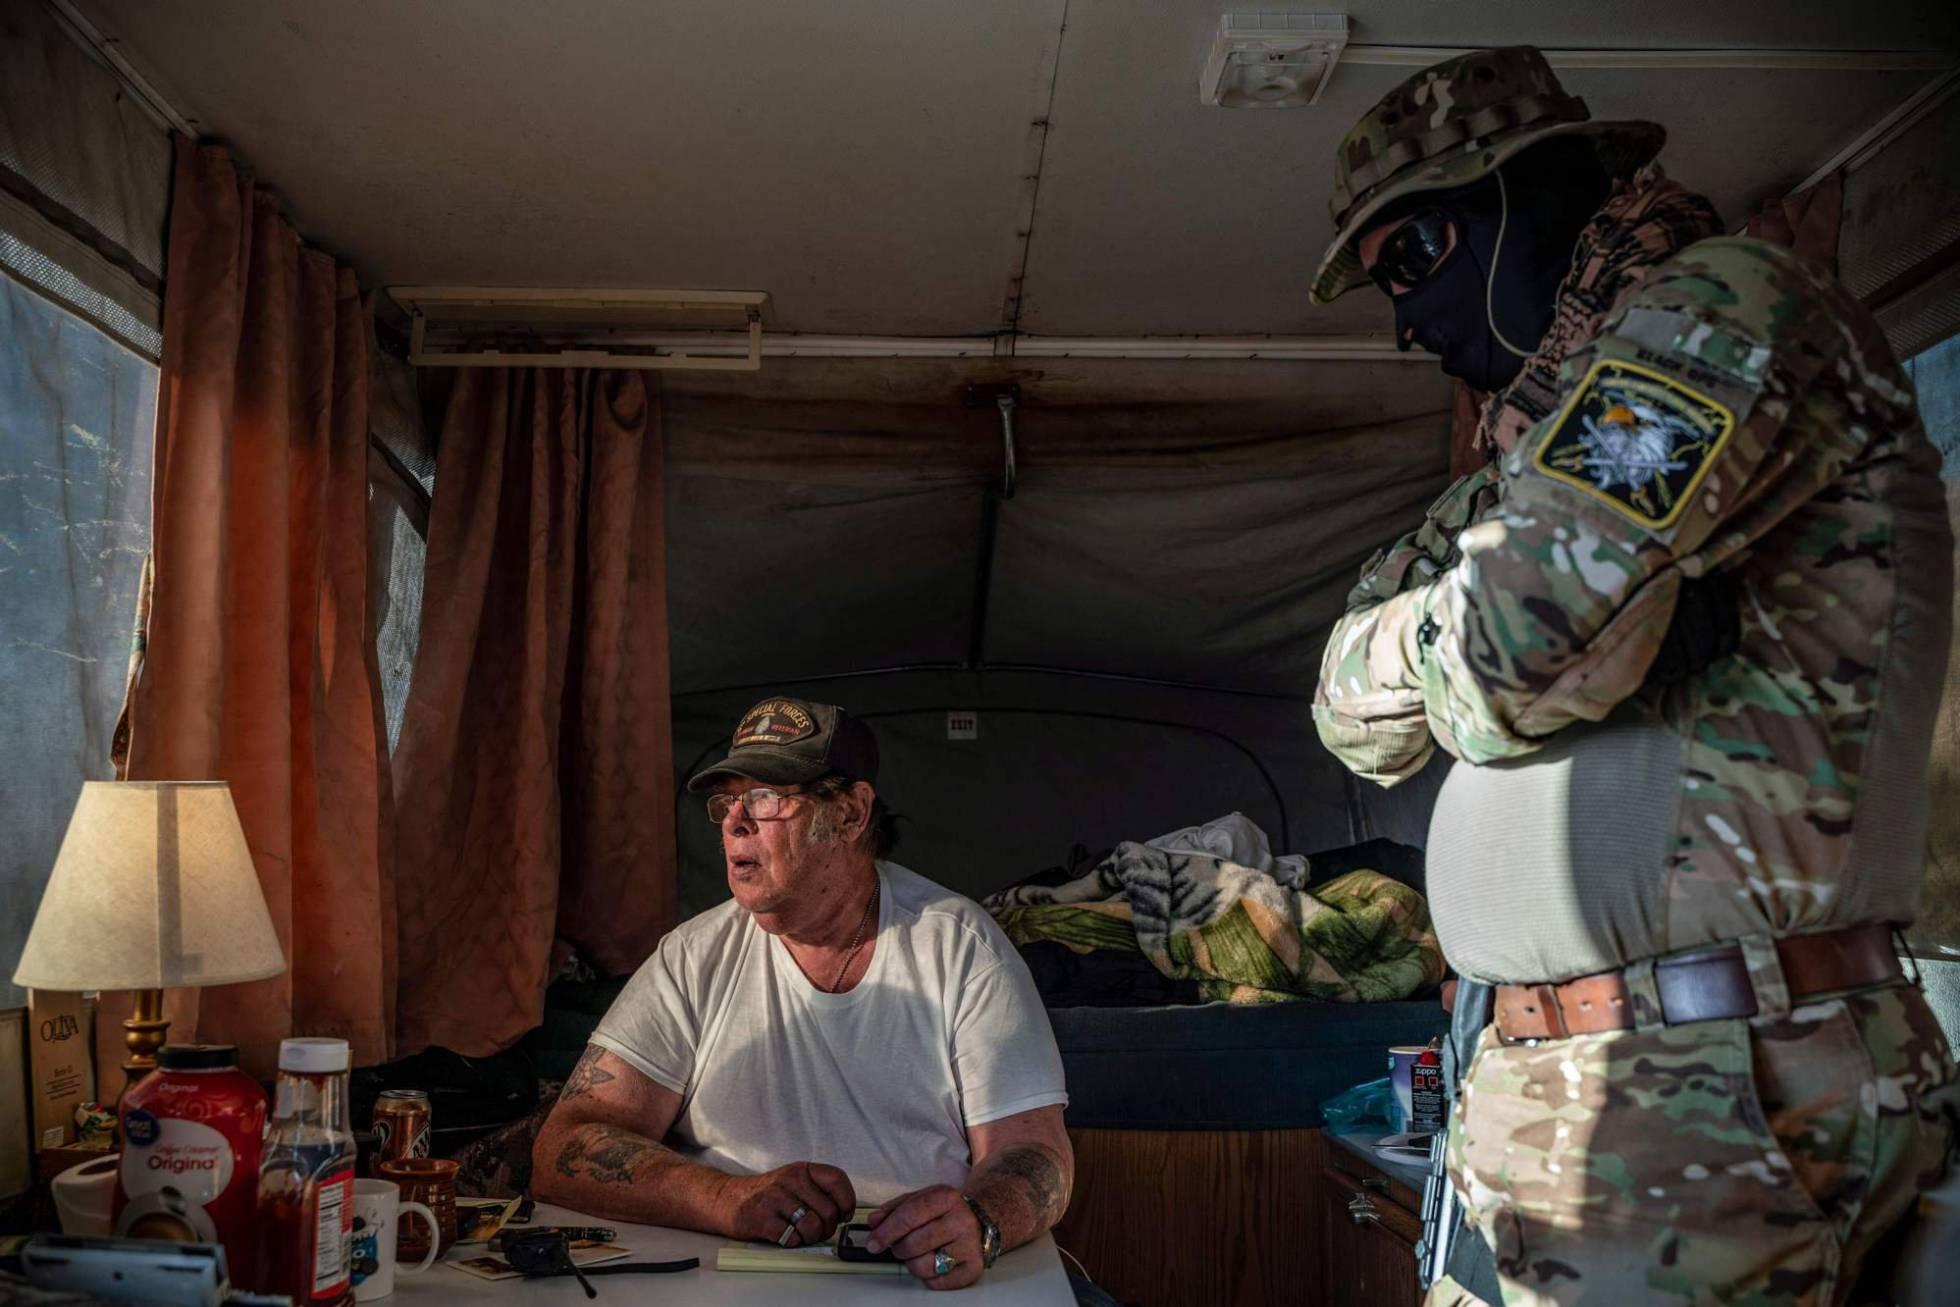 Grupos de civiles armados en EE UU detienen a inmigrantes irregulares en la frontera sur